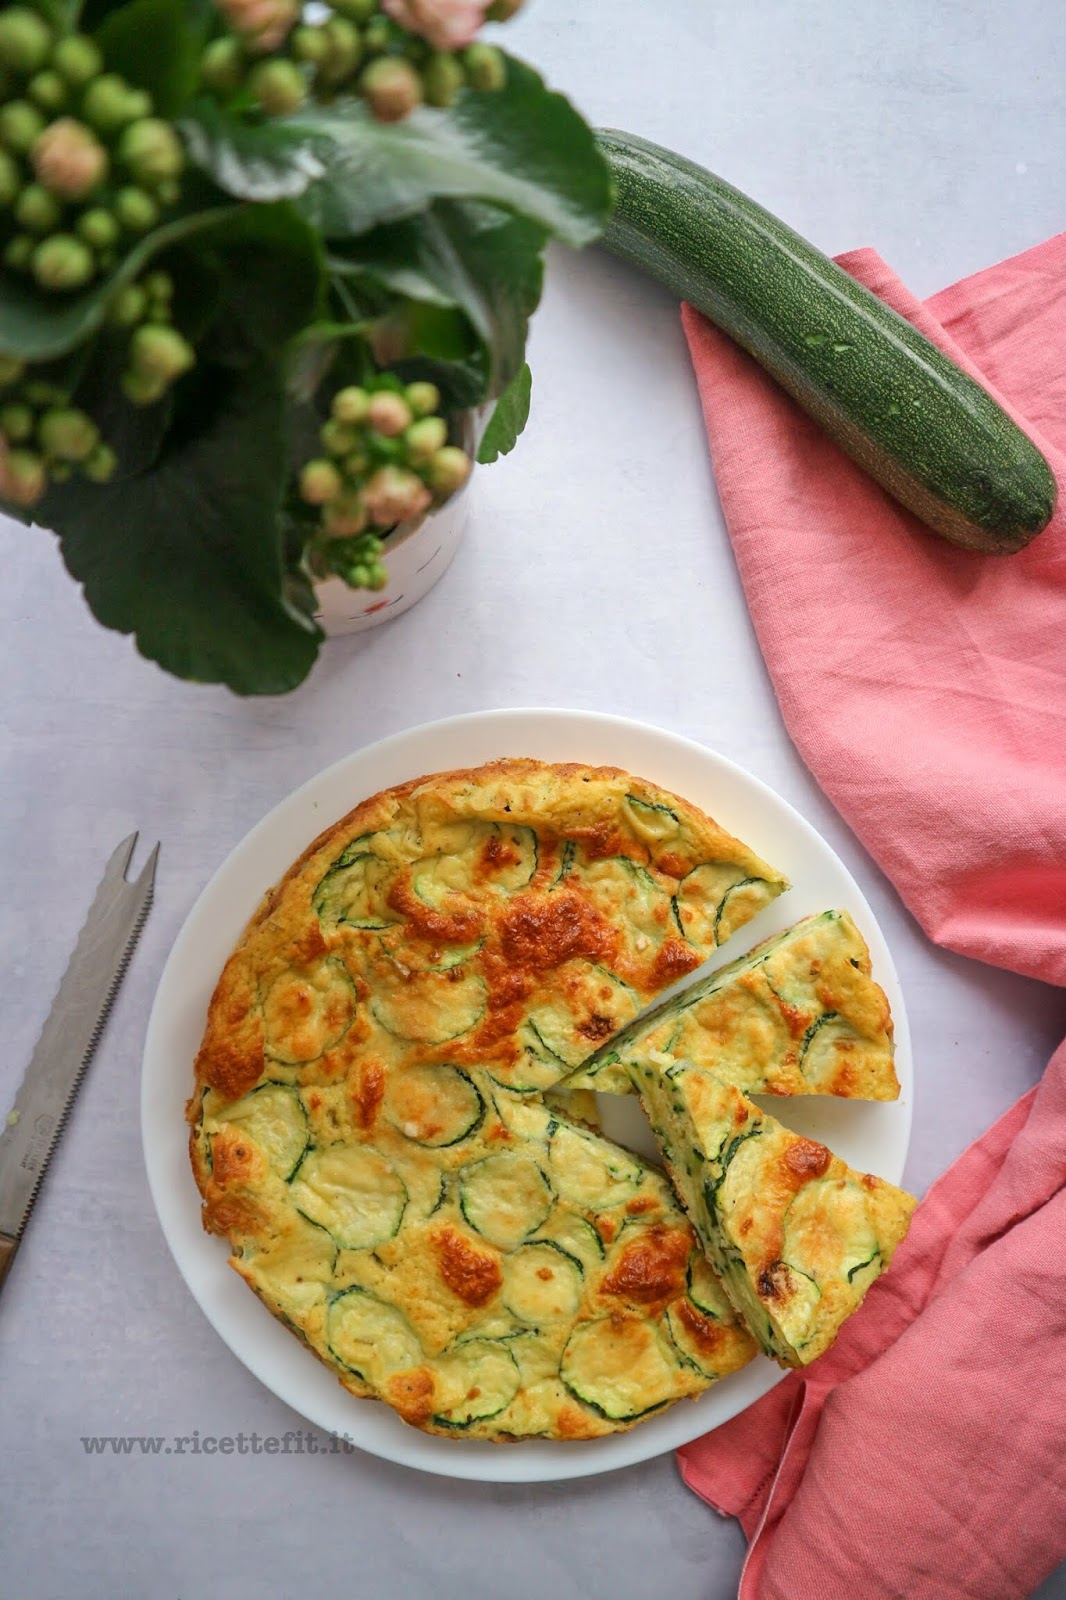 torta salata di zucchine senza base low carb senza grassi light